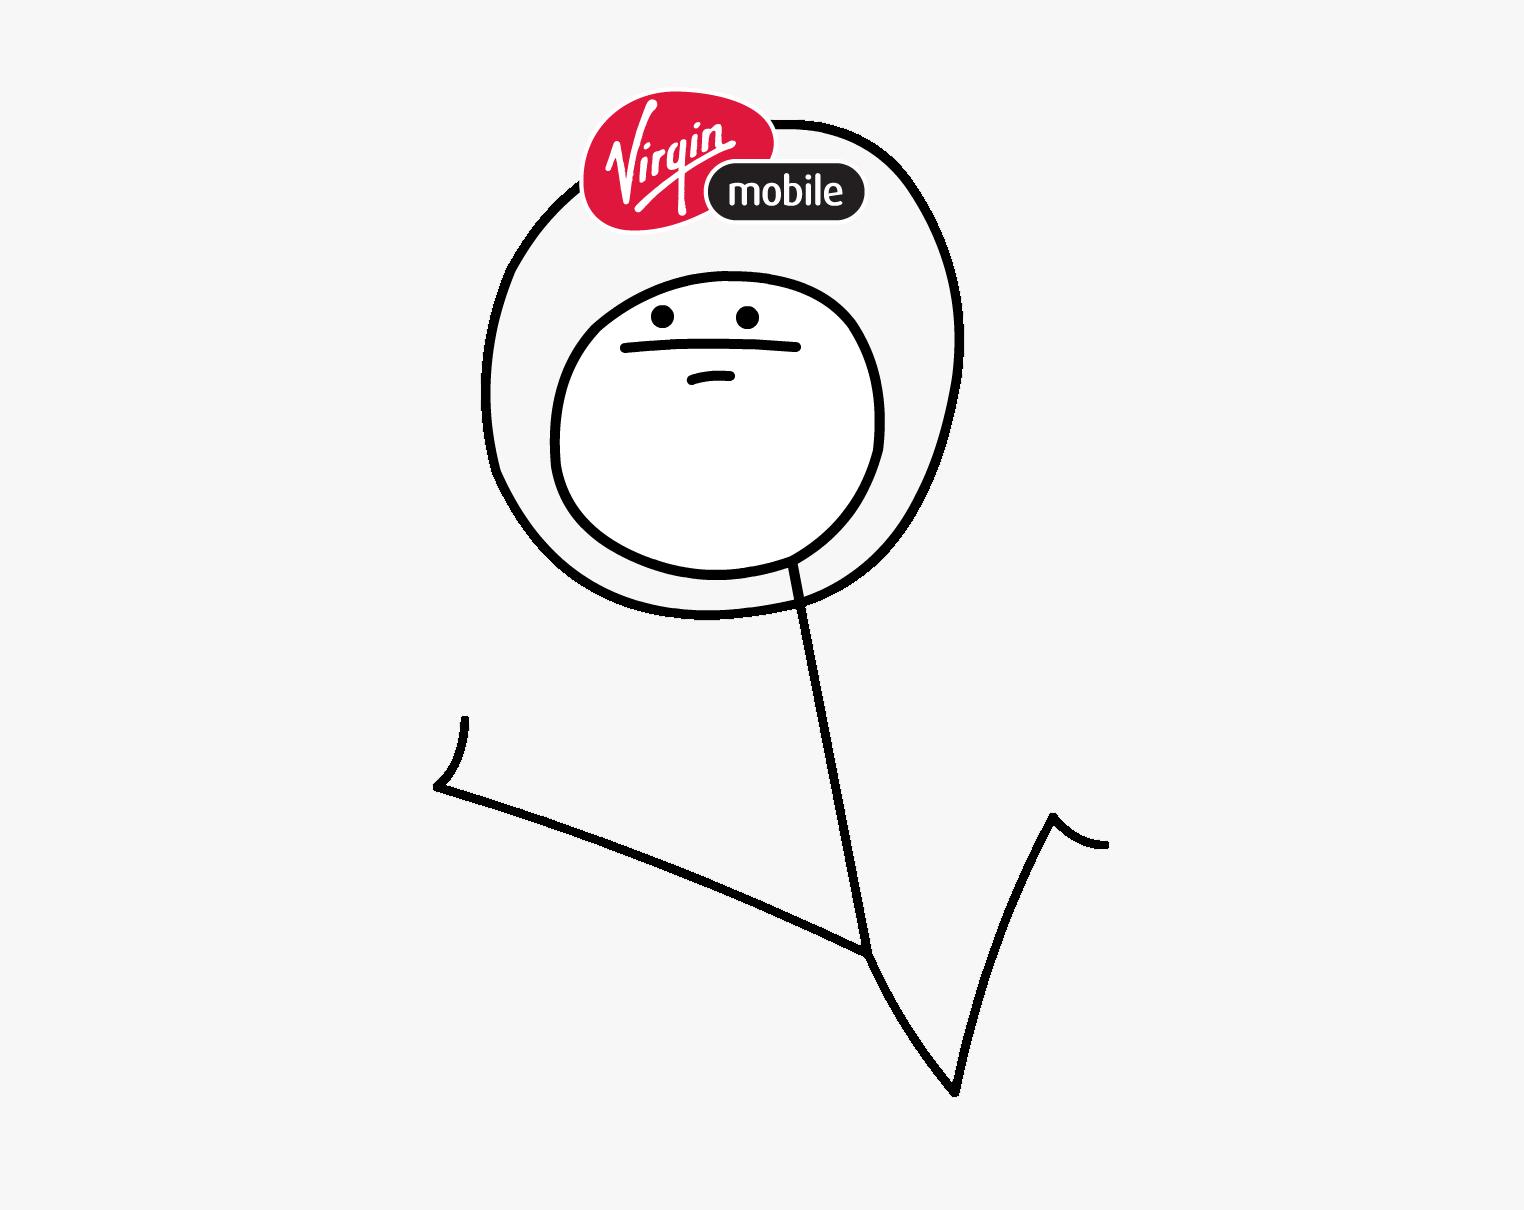 Malutki zastrzyk internetu. Darmowy pakiet 3 GB dla użytkowników Virgin Mobile 18